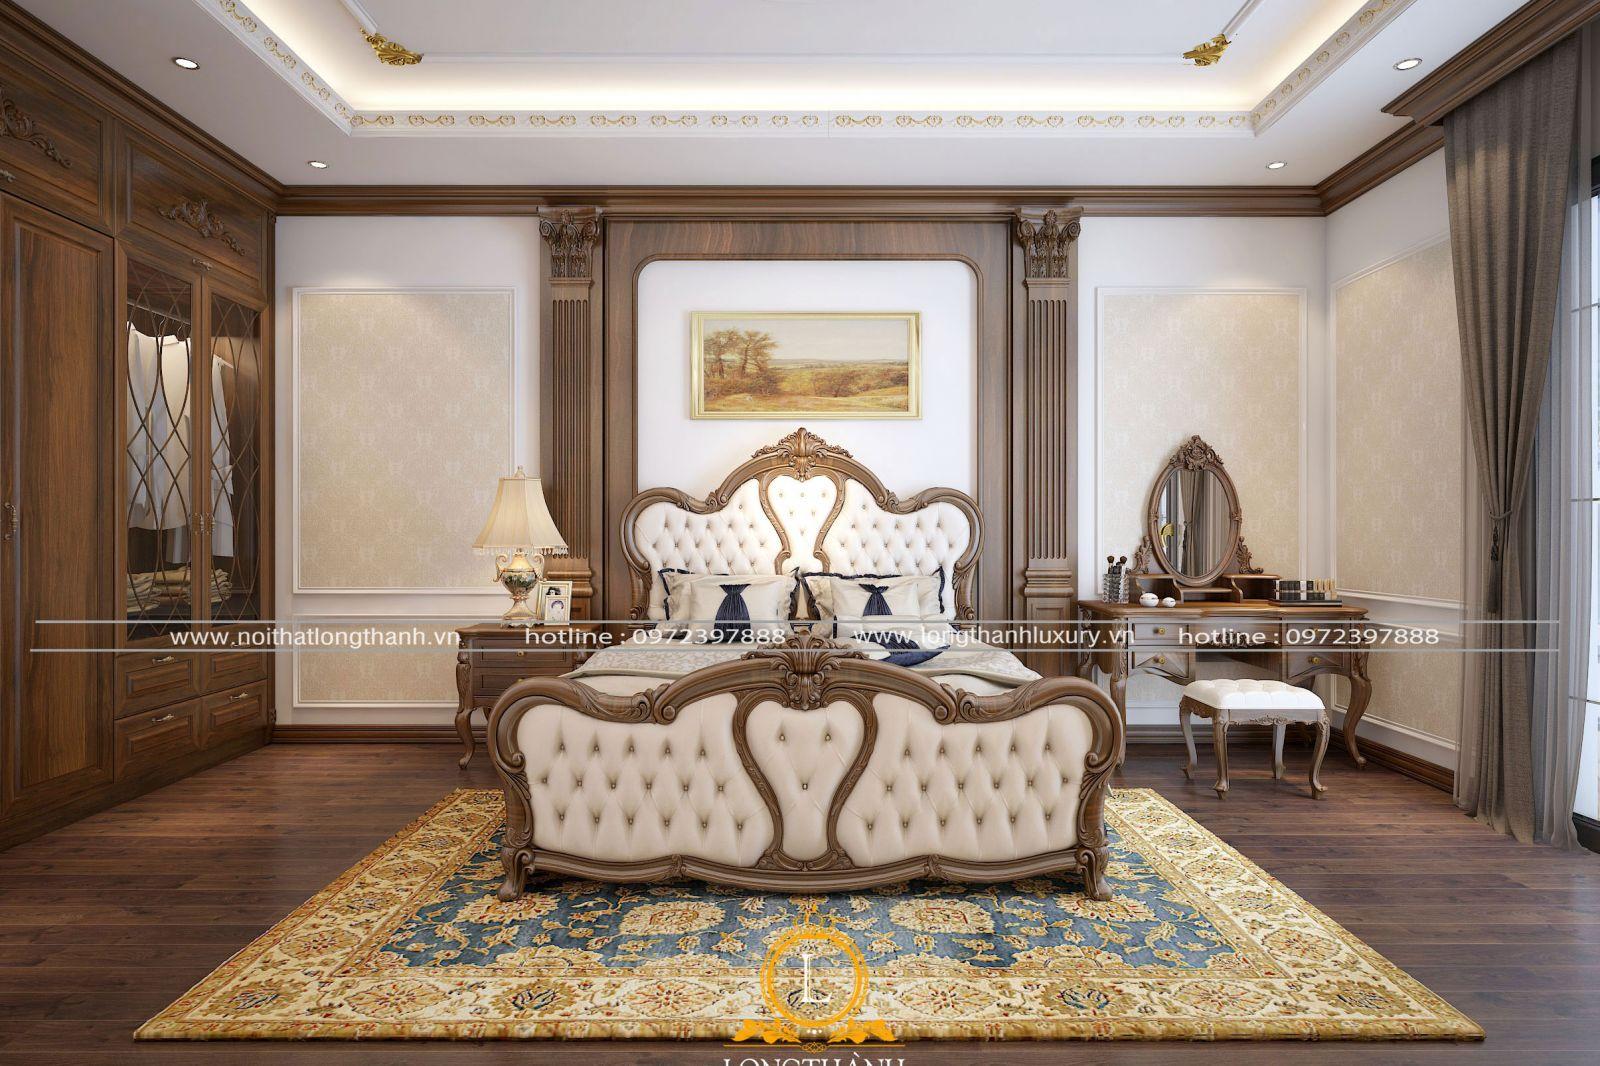 Căn phòng ngủ tân cổ điển tinh tế